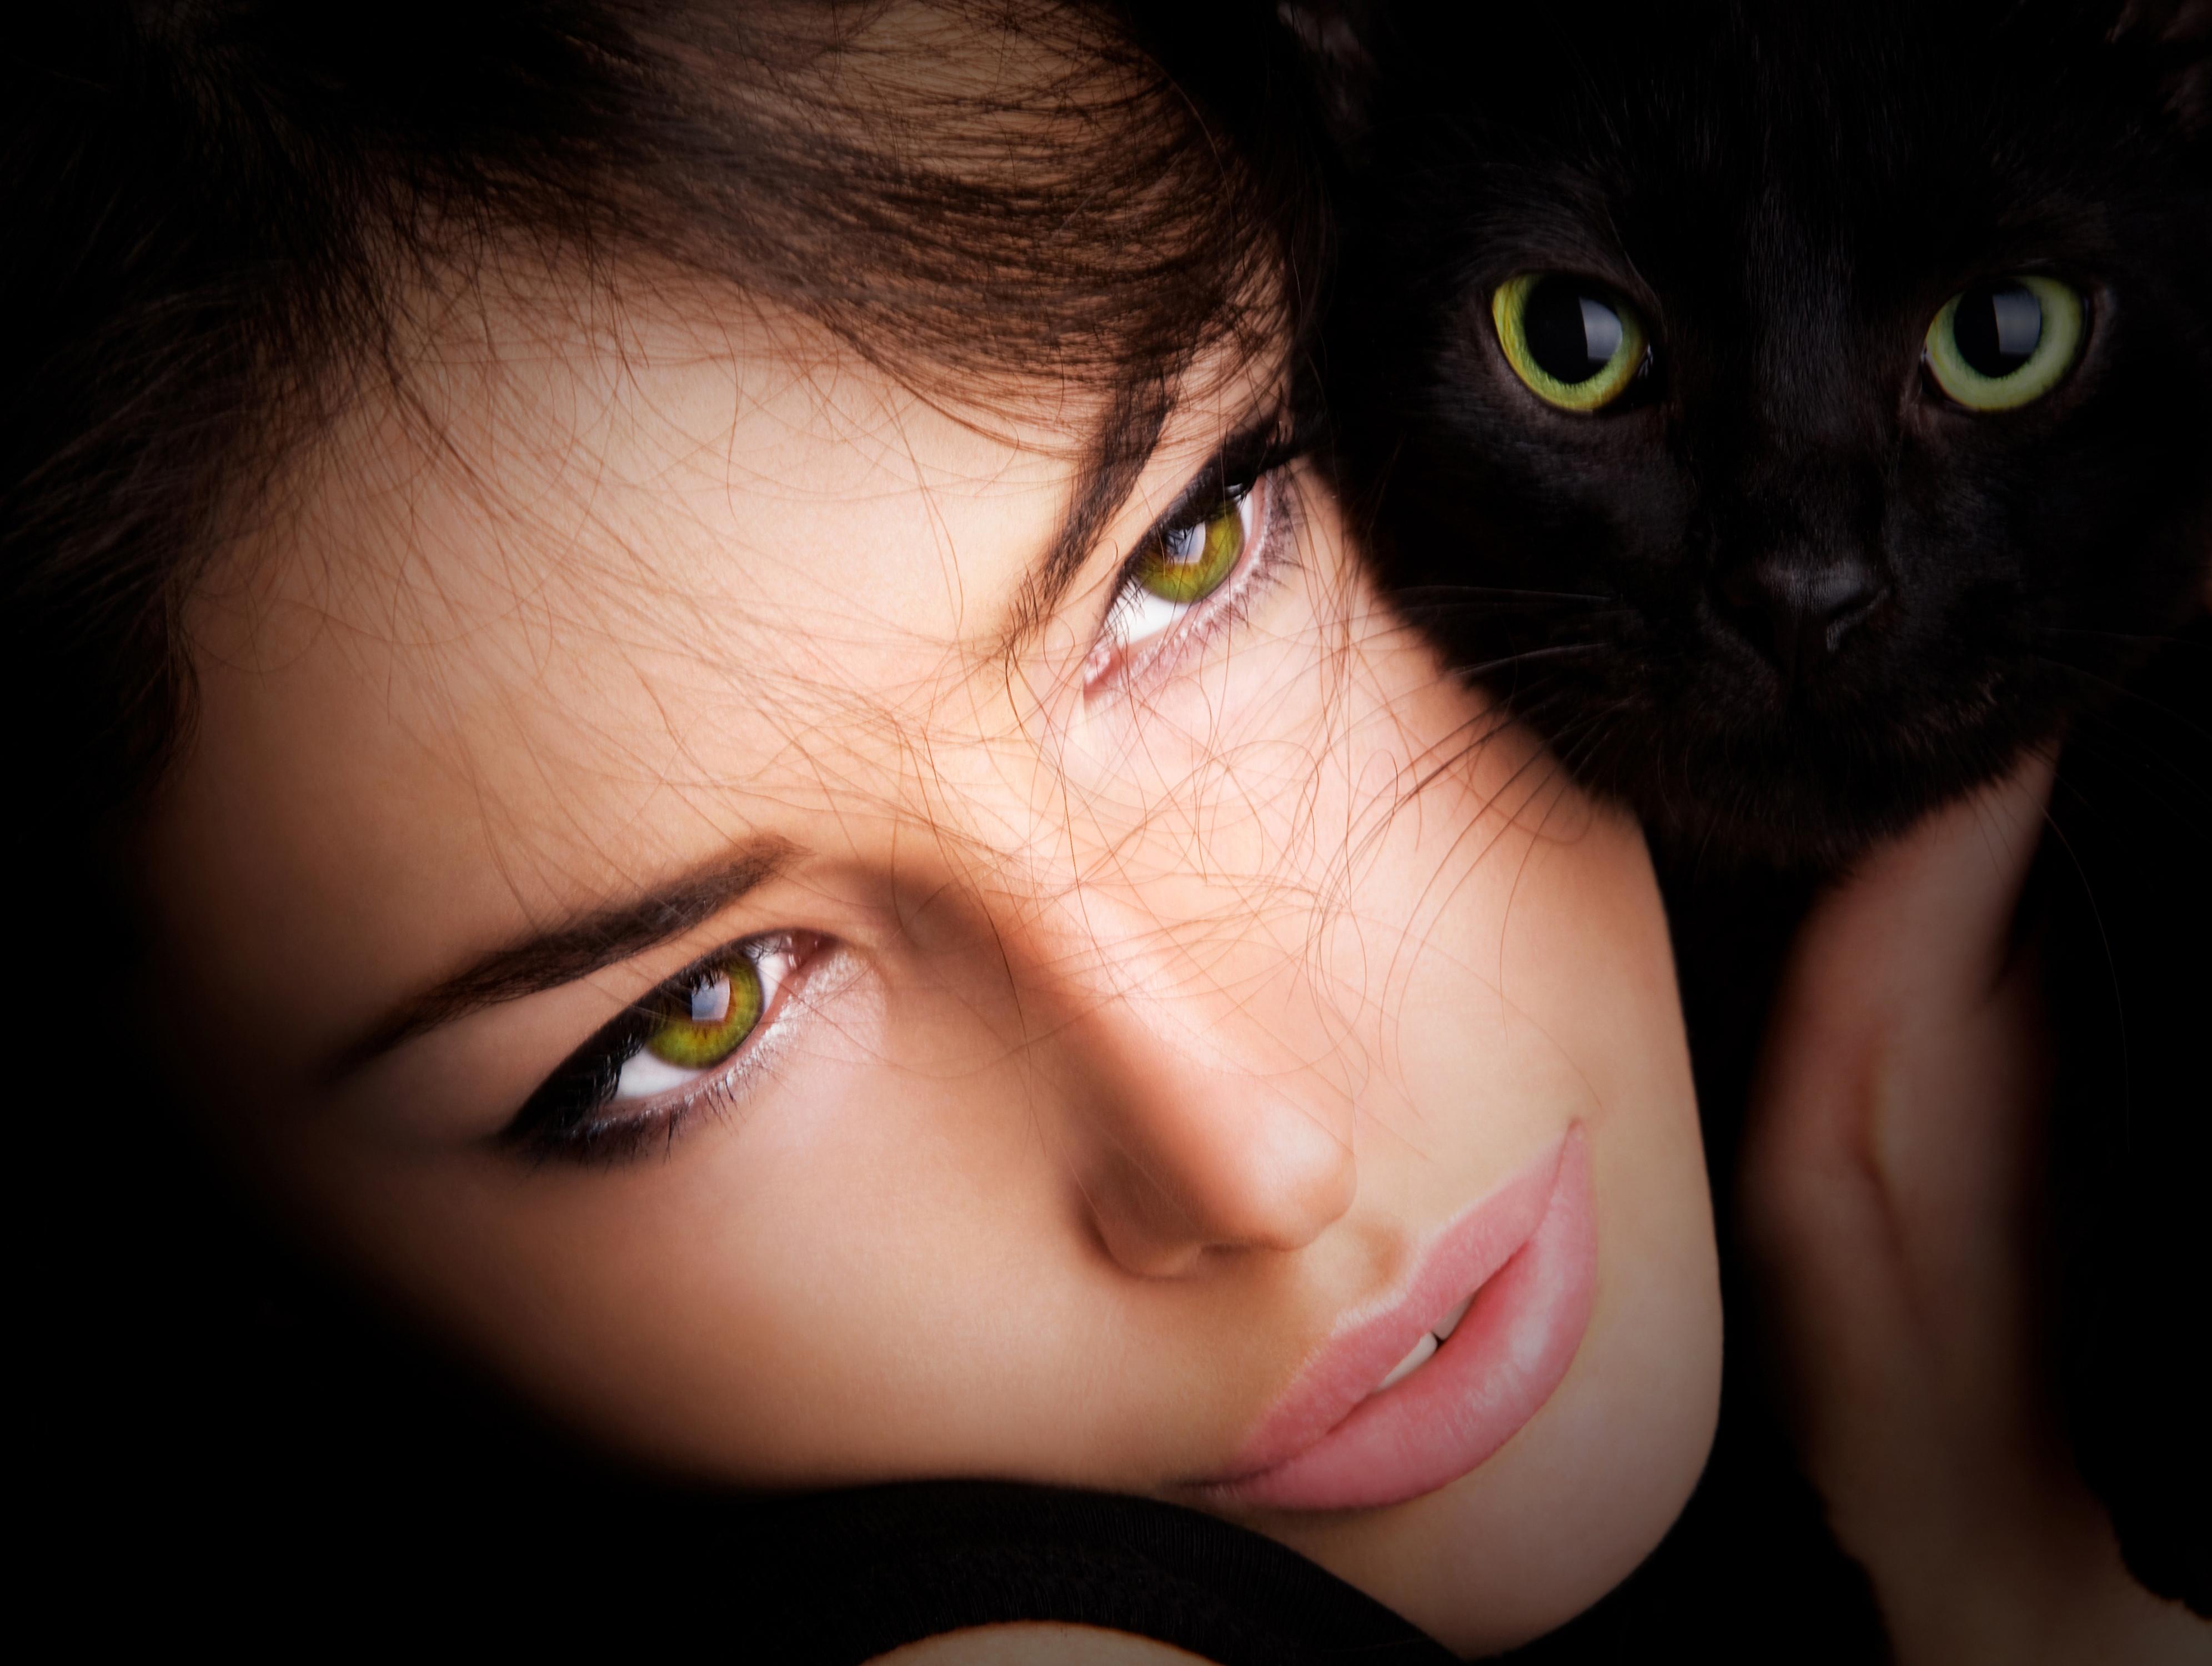 несложные рецепты фото человека с черной кошкой так тут